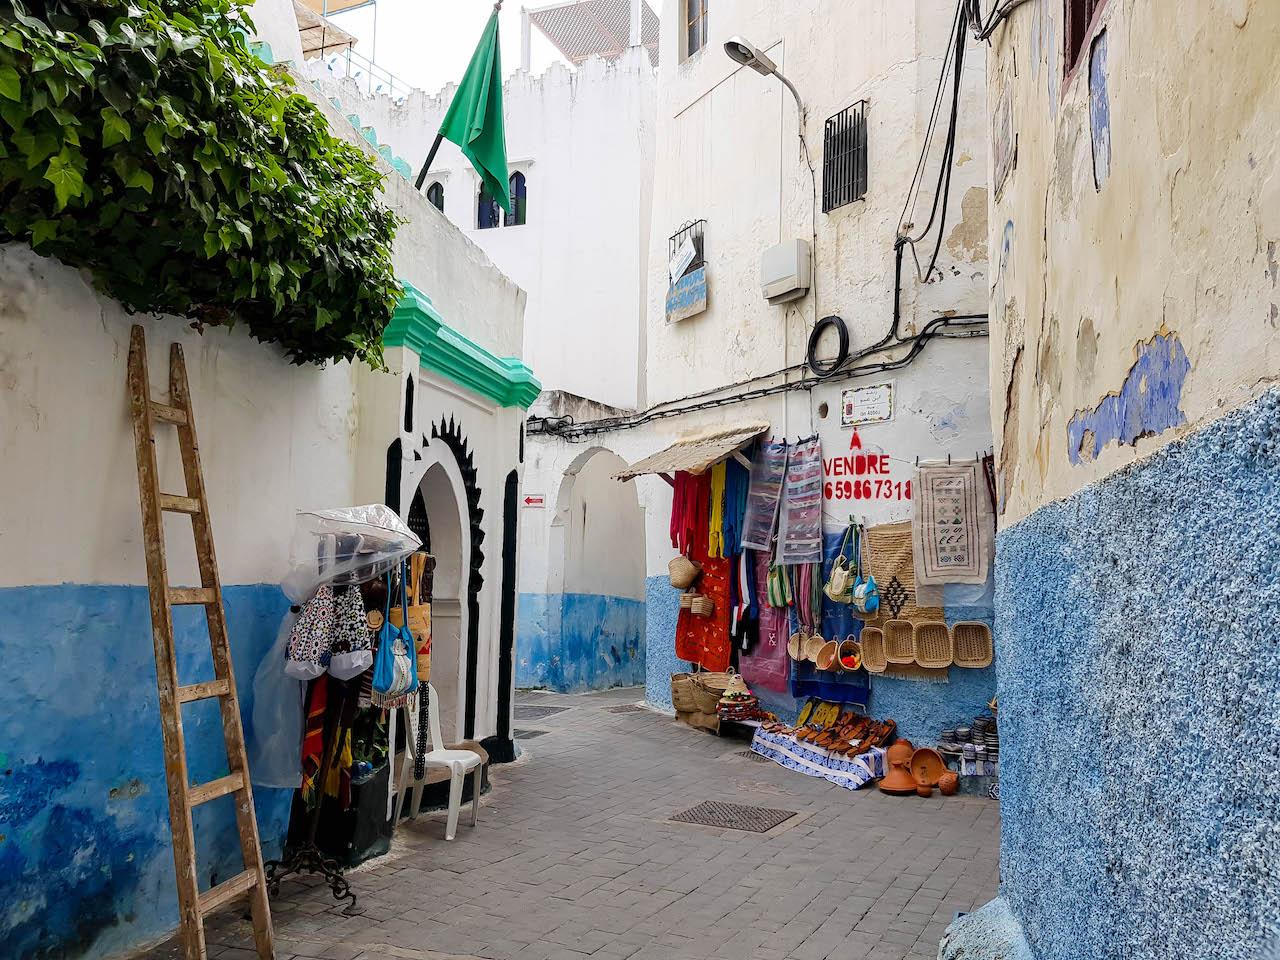 Strasse in der Kasbah von Tanger.